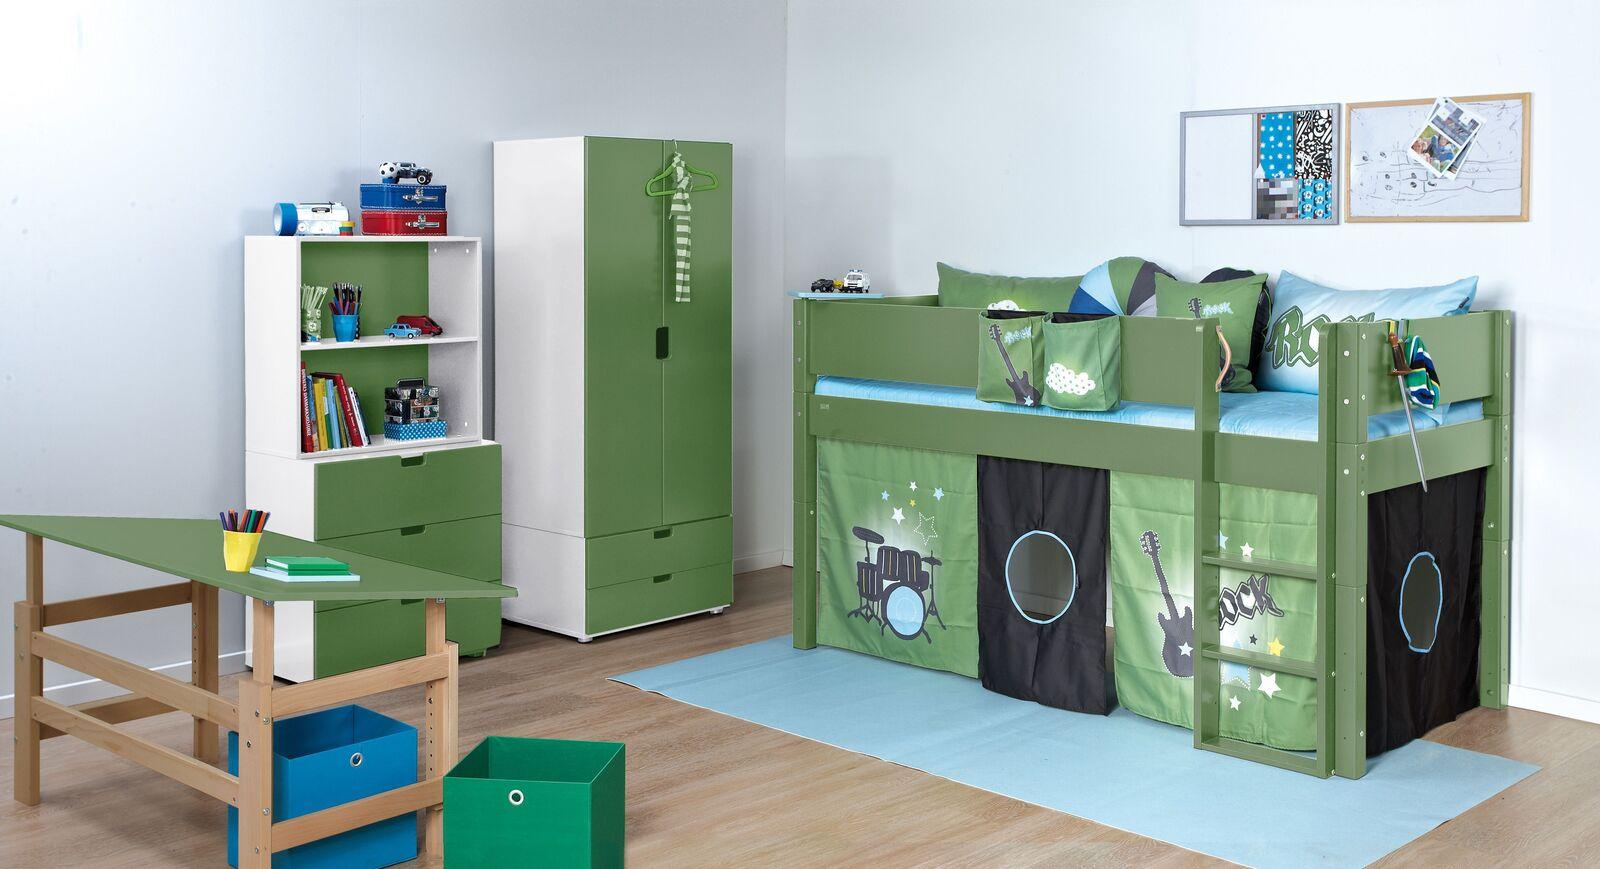 Passende Produkte zum Kleiderschrank Kids Town Color